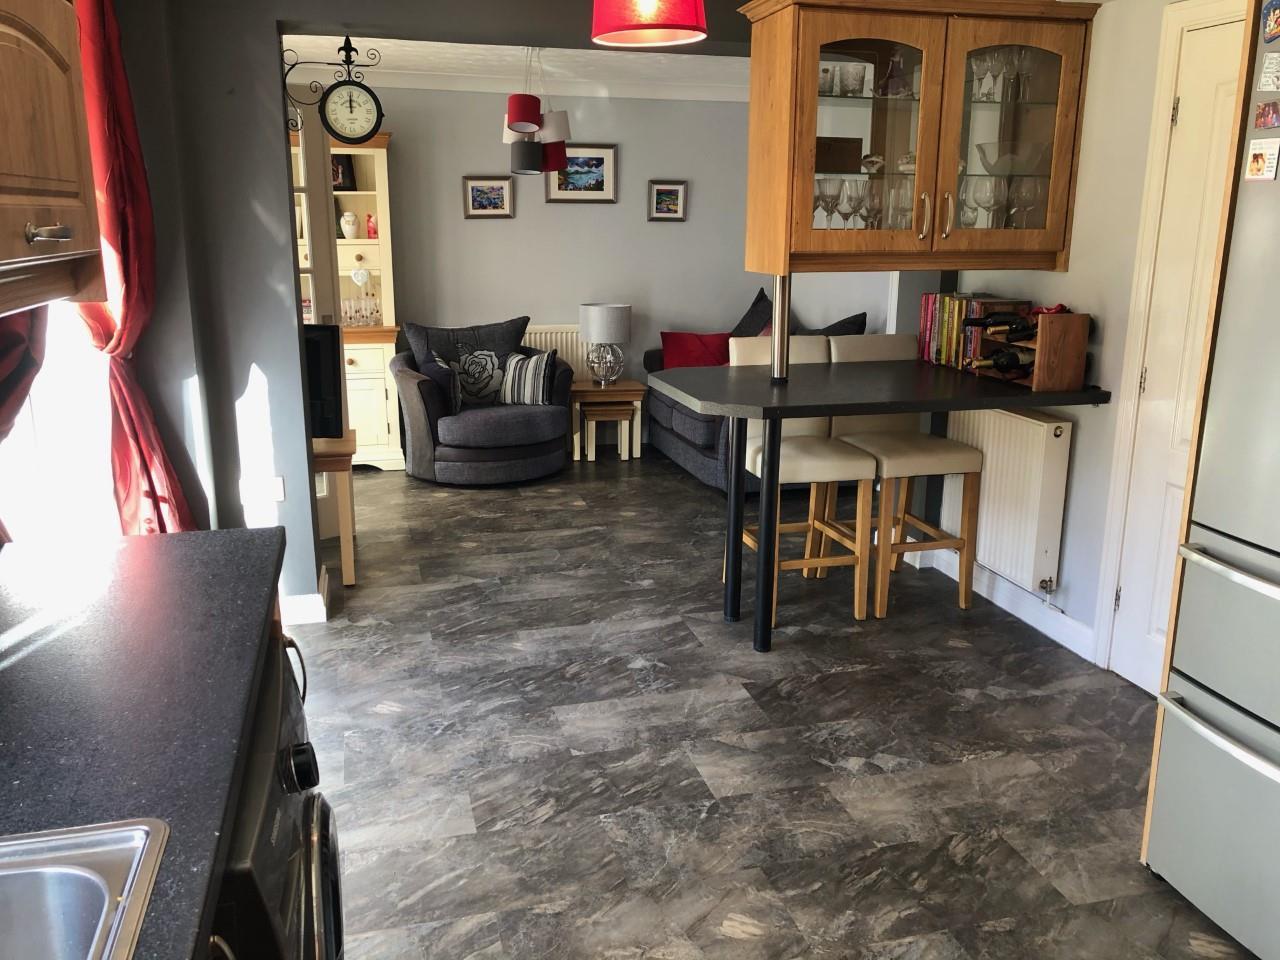 Cae Melyn, Llangyfelach, Swansea, SA6 6FP